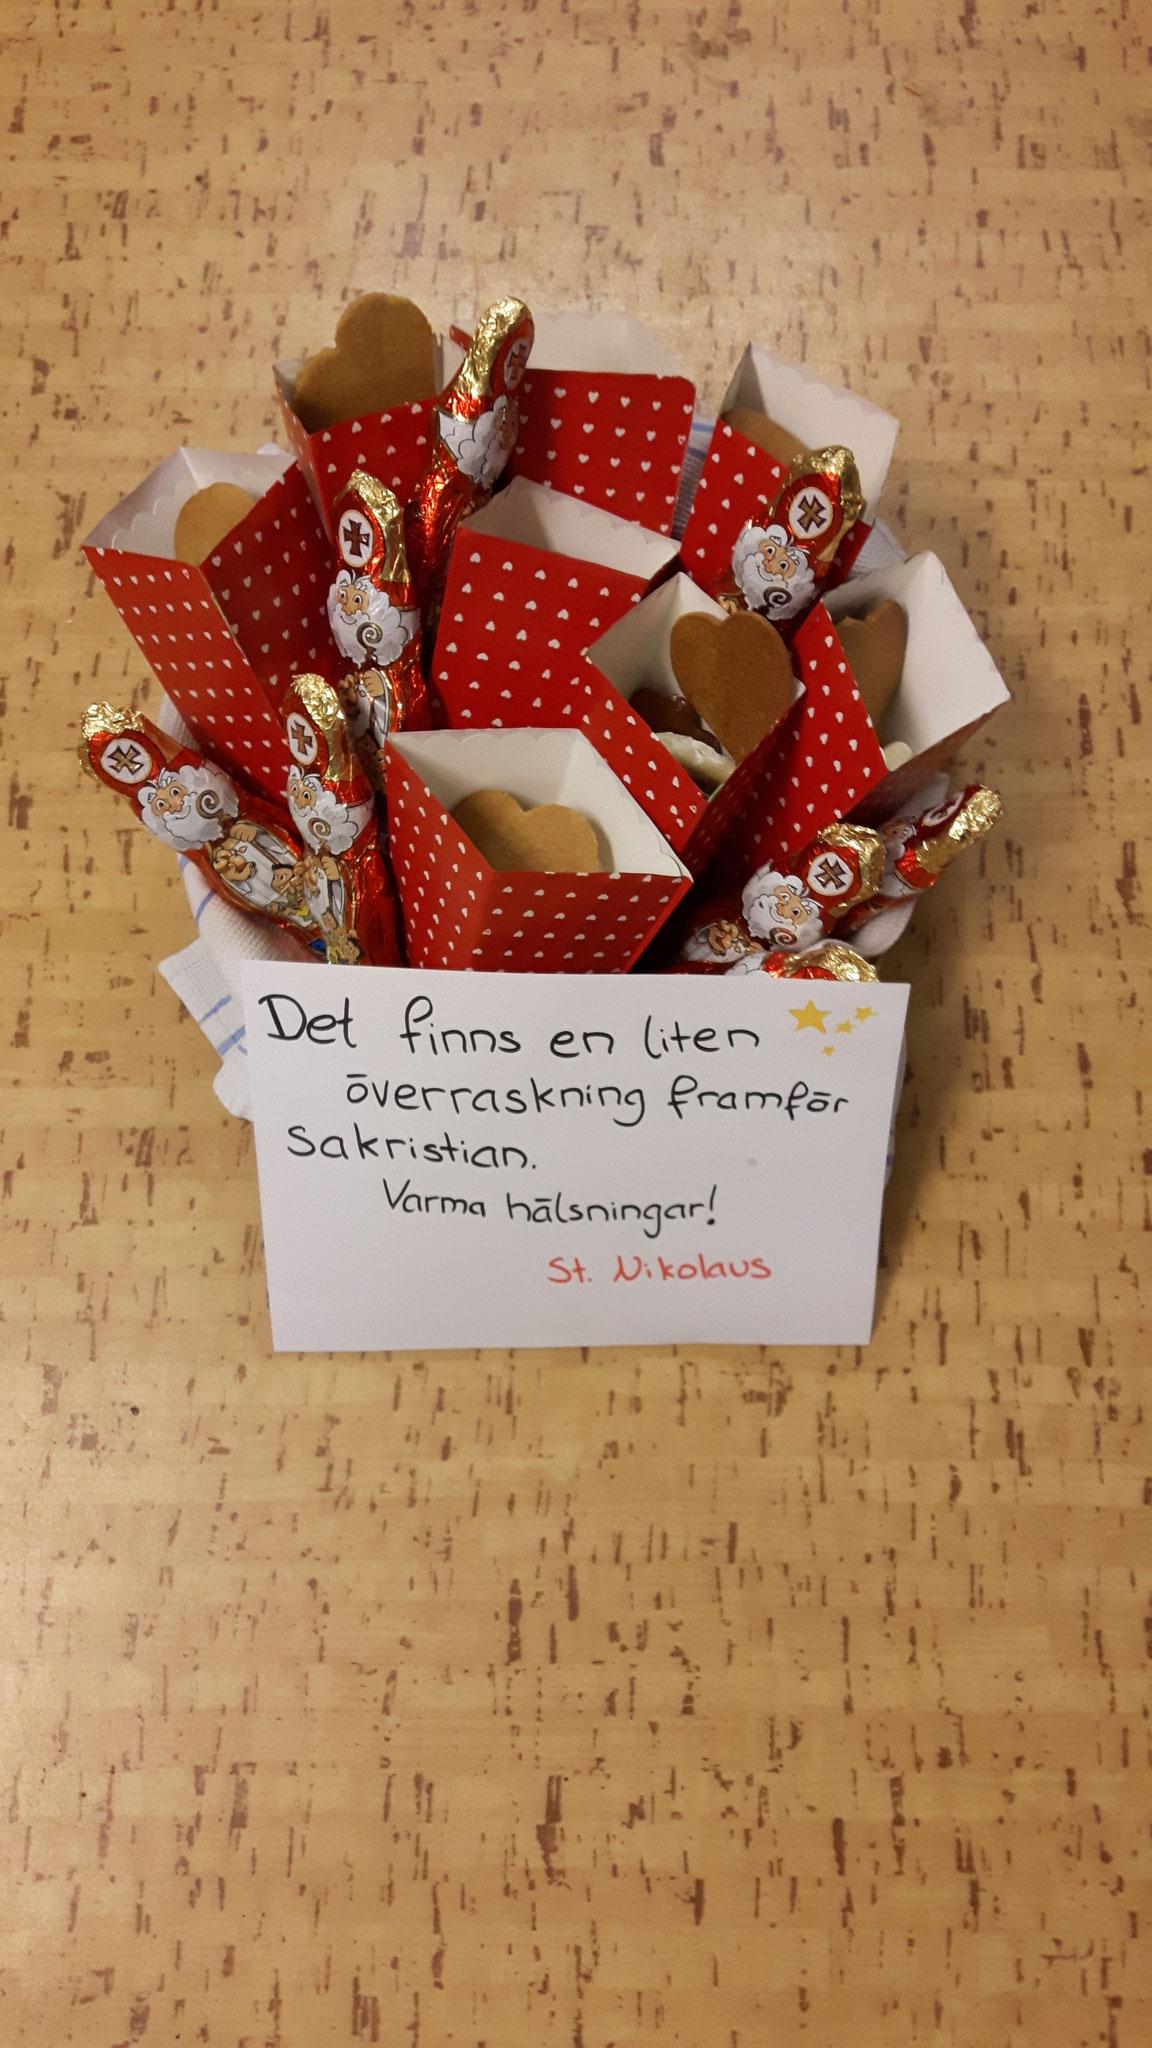 Pfefferkuchen für die Birgittaschwestern zu Nikolaus